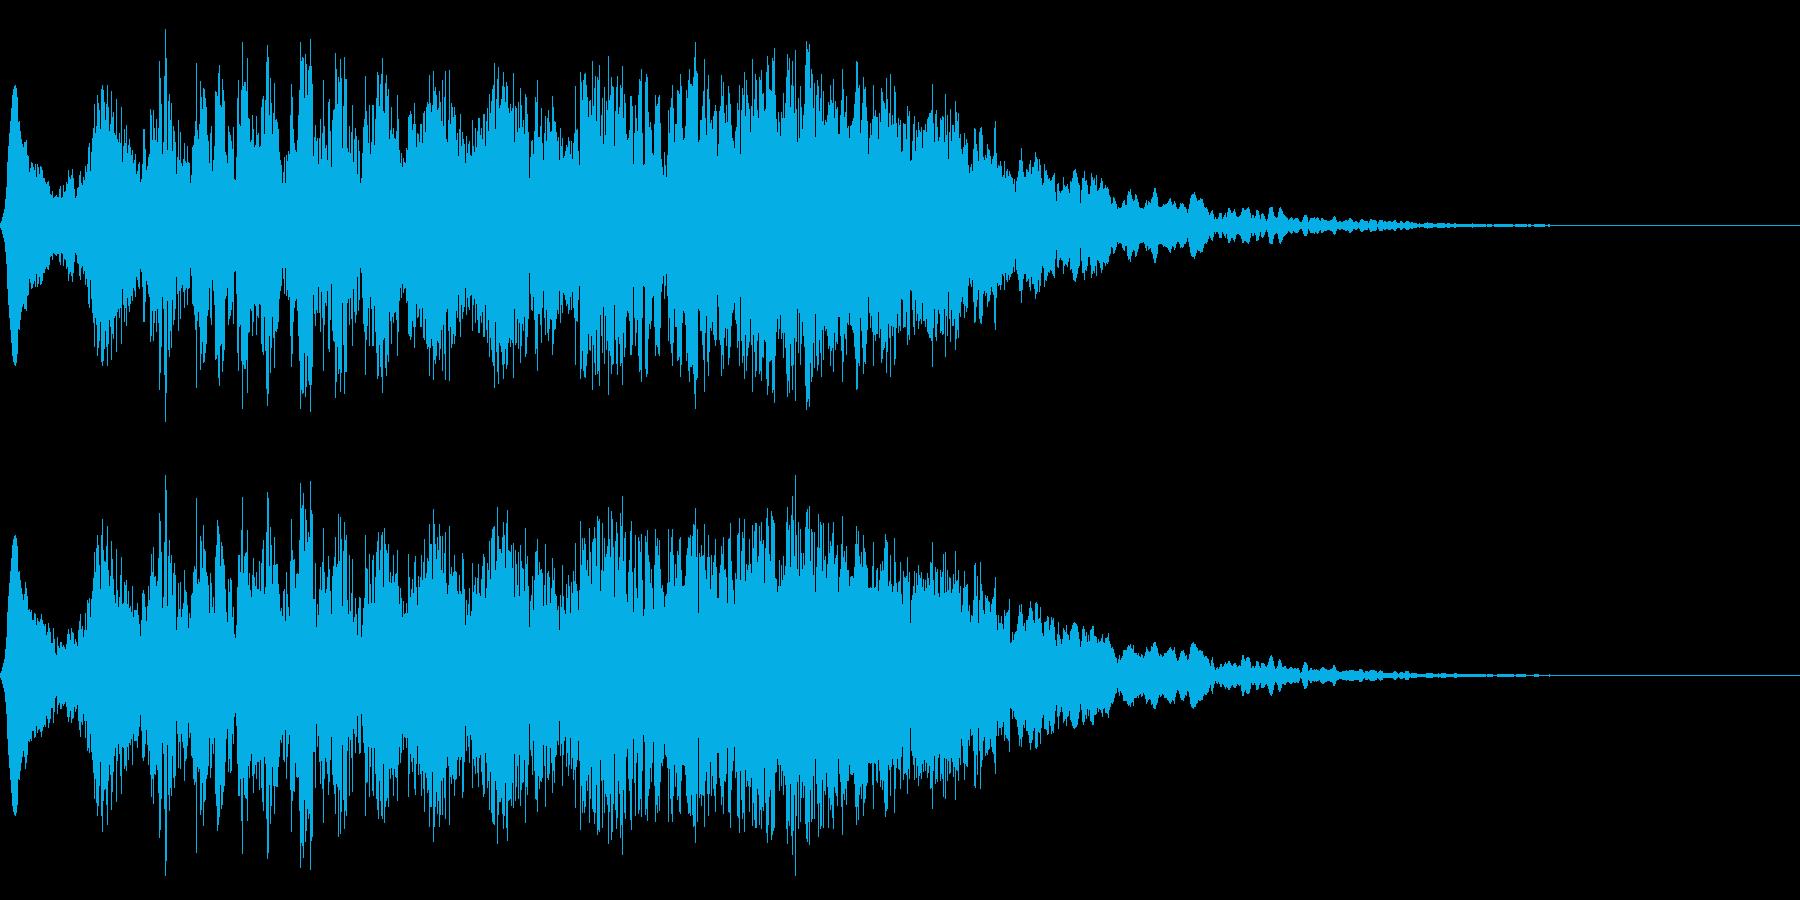 電波、ホラー、サスペンスの再生済みの波形